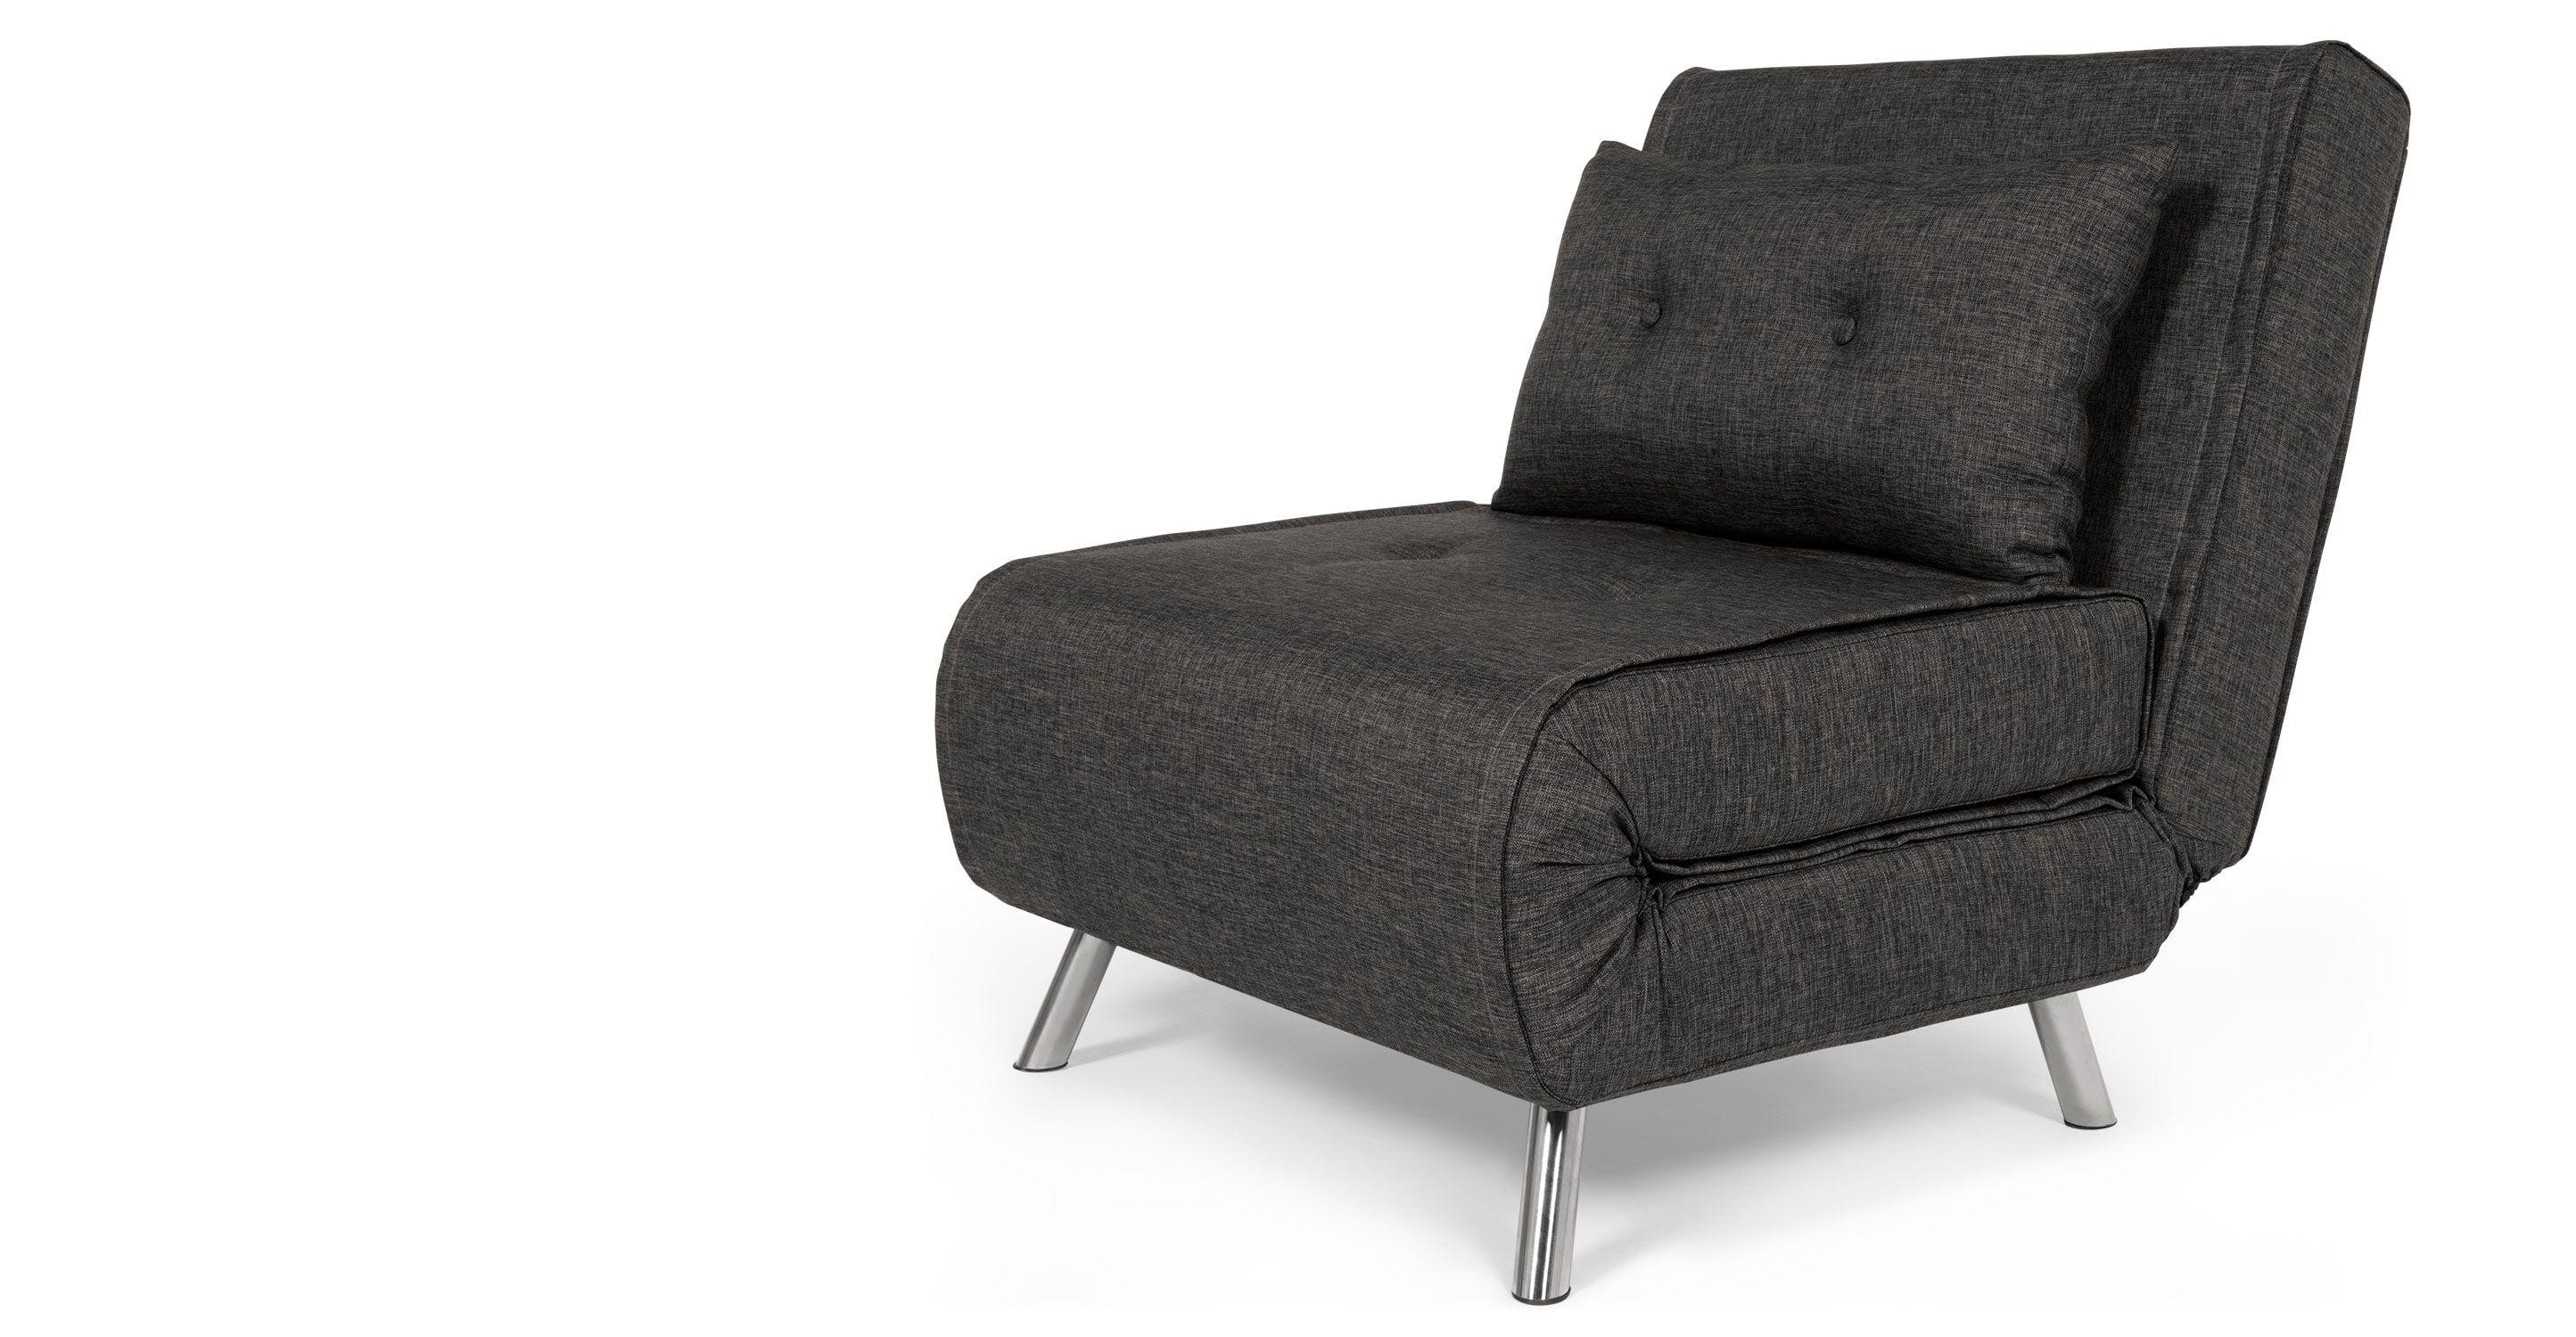 Wunderbare Single Sitz Sofa Bett Schreibtisch (met